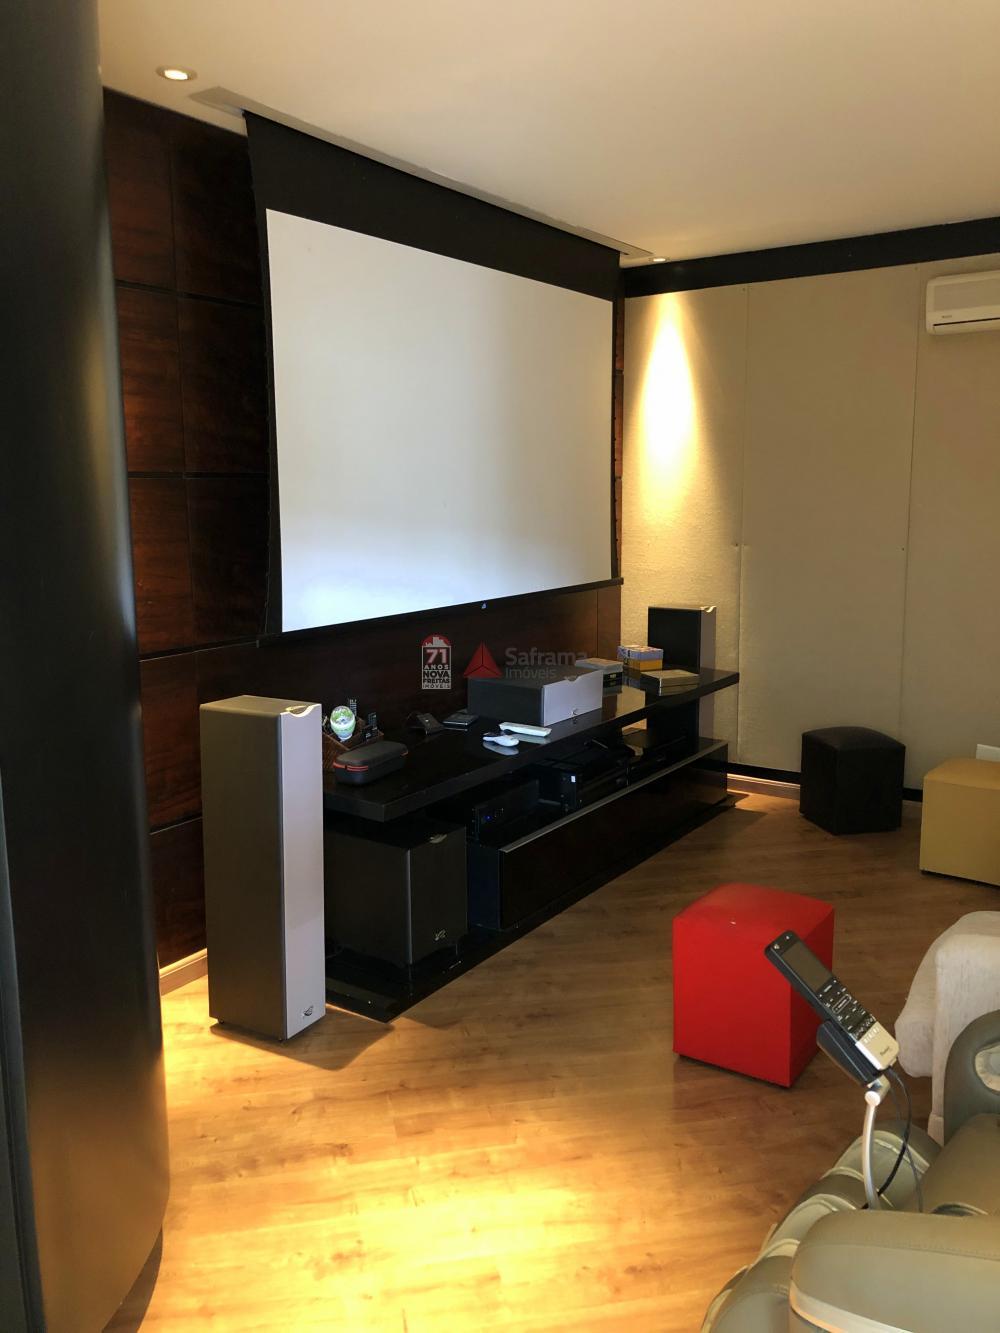 Comprar Casa / Sobrado em Condomínio em São José dos Campos R$ 3.200.000,00 - Foto 16